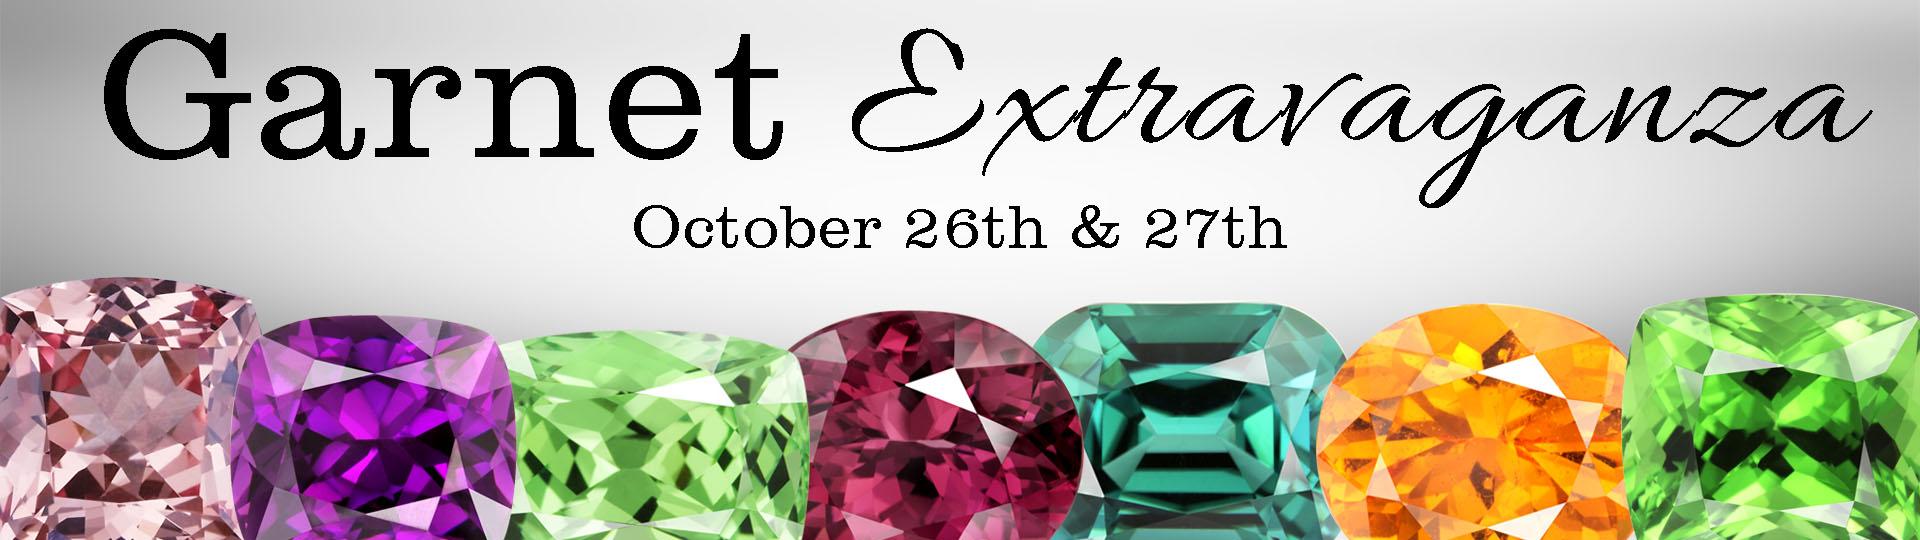 October Garnet Extravaganza